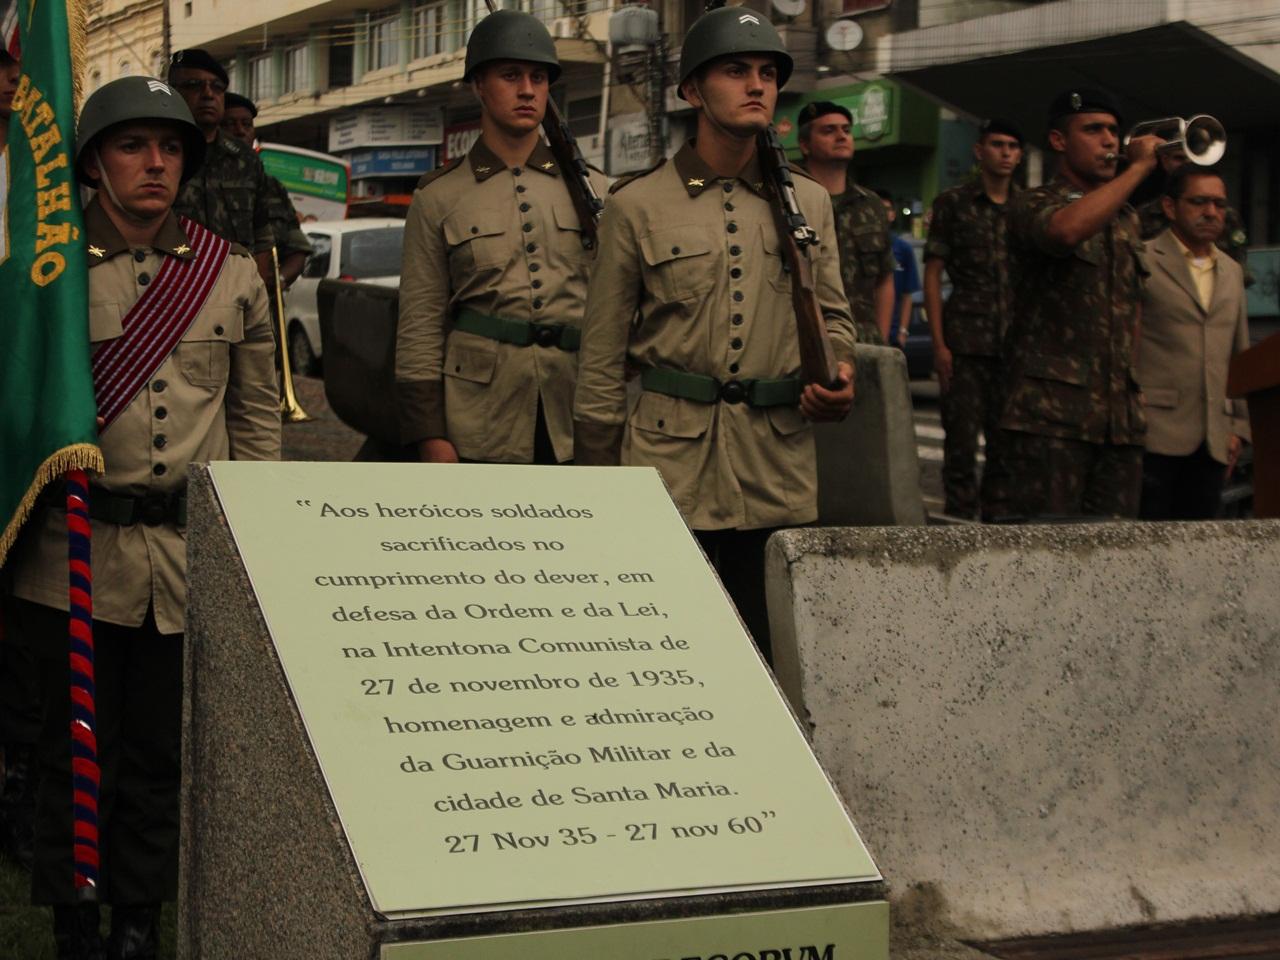 Cerimônia em Santa Maria, Rio Grande do Sul, exalta memória dos heróis que tombaram na Intentona Comunista